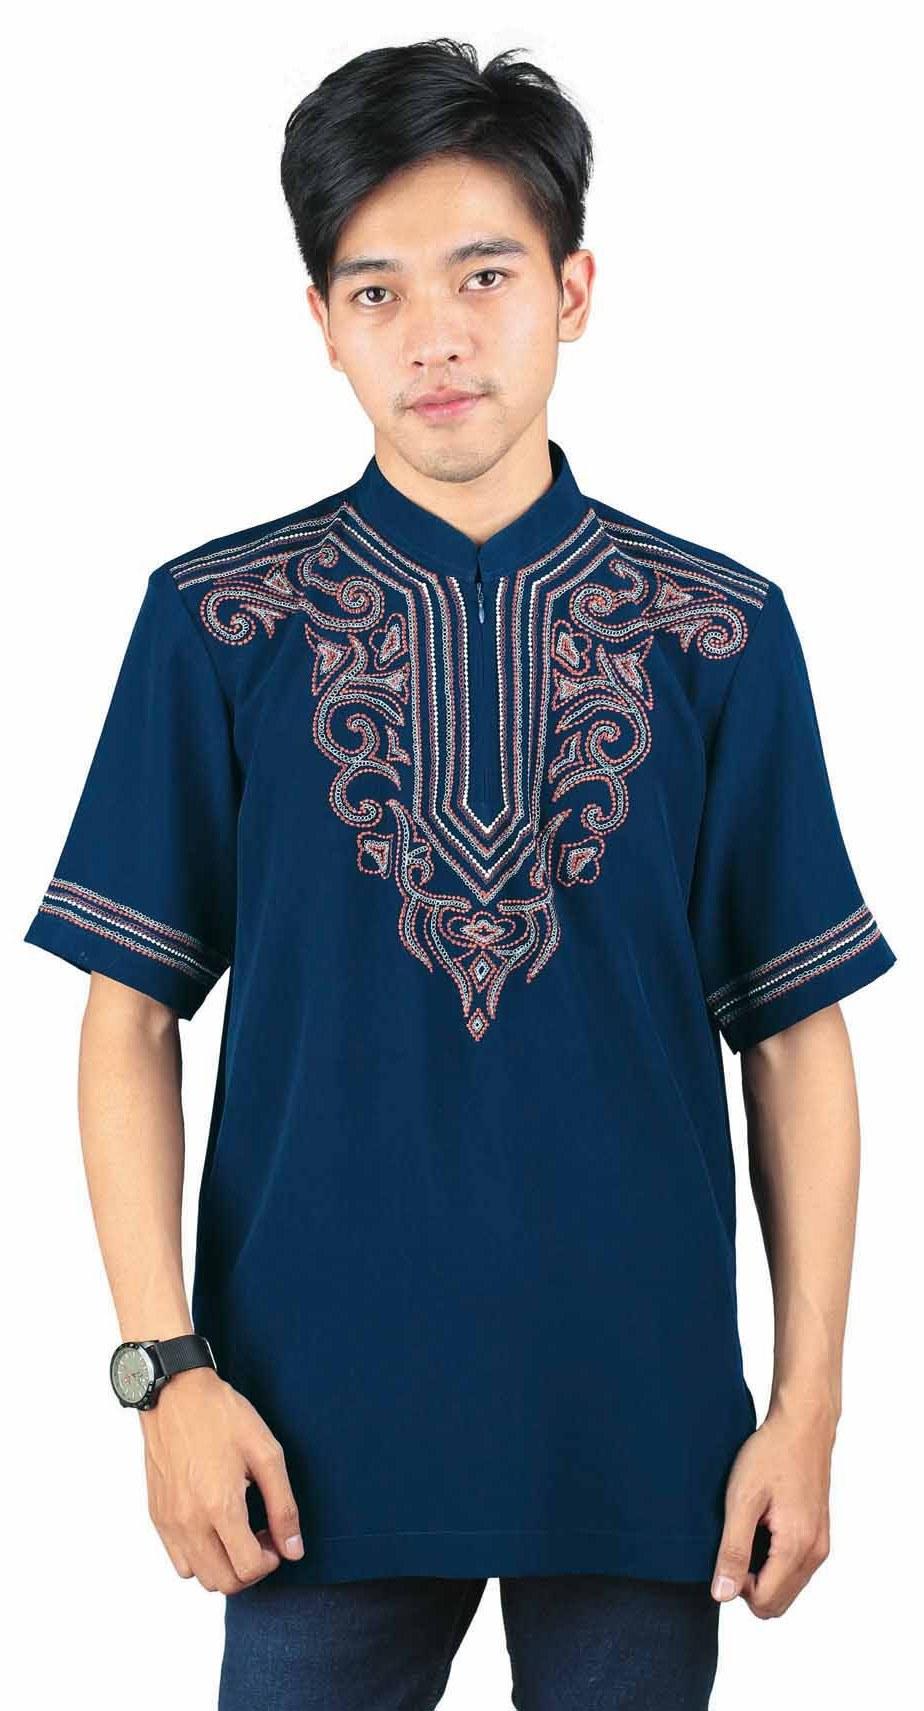 Ide Baju Lebaran Pria Terbaru Jxdu Kumpulan Baju Muslim Pria Lengan Pendek Trend Terbaru 2018